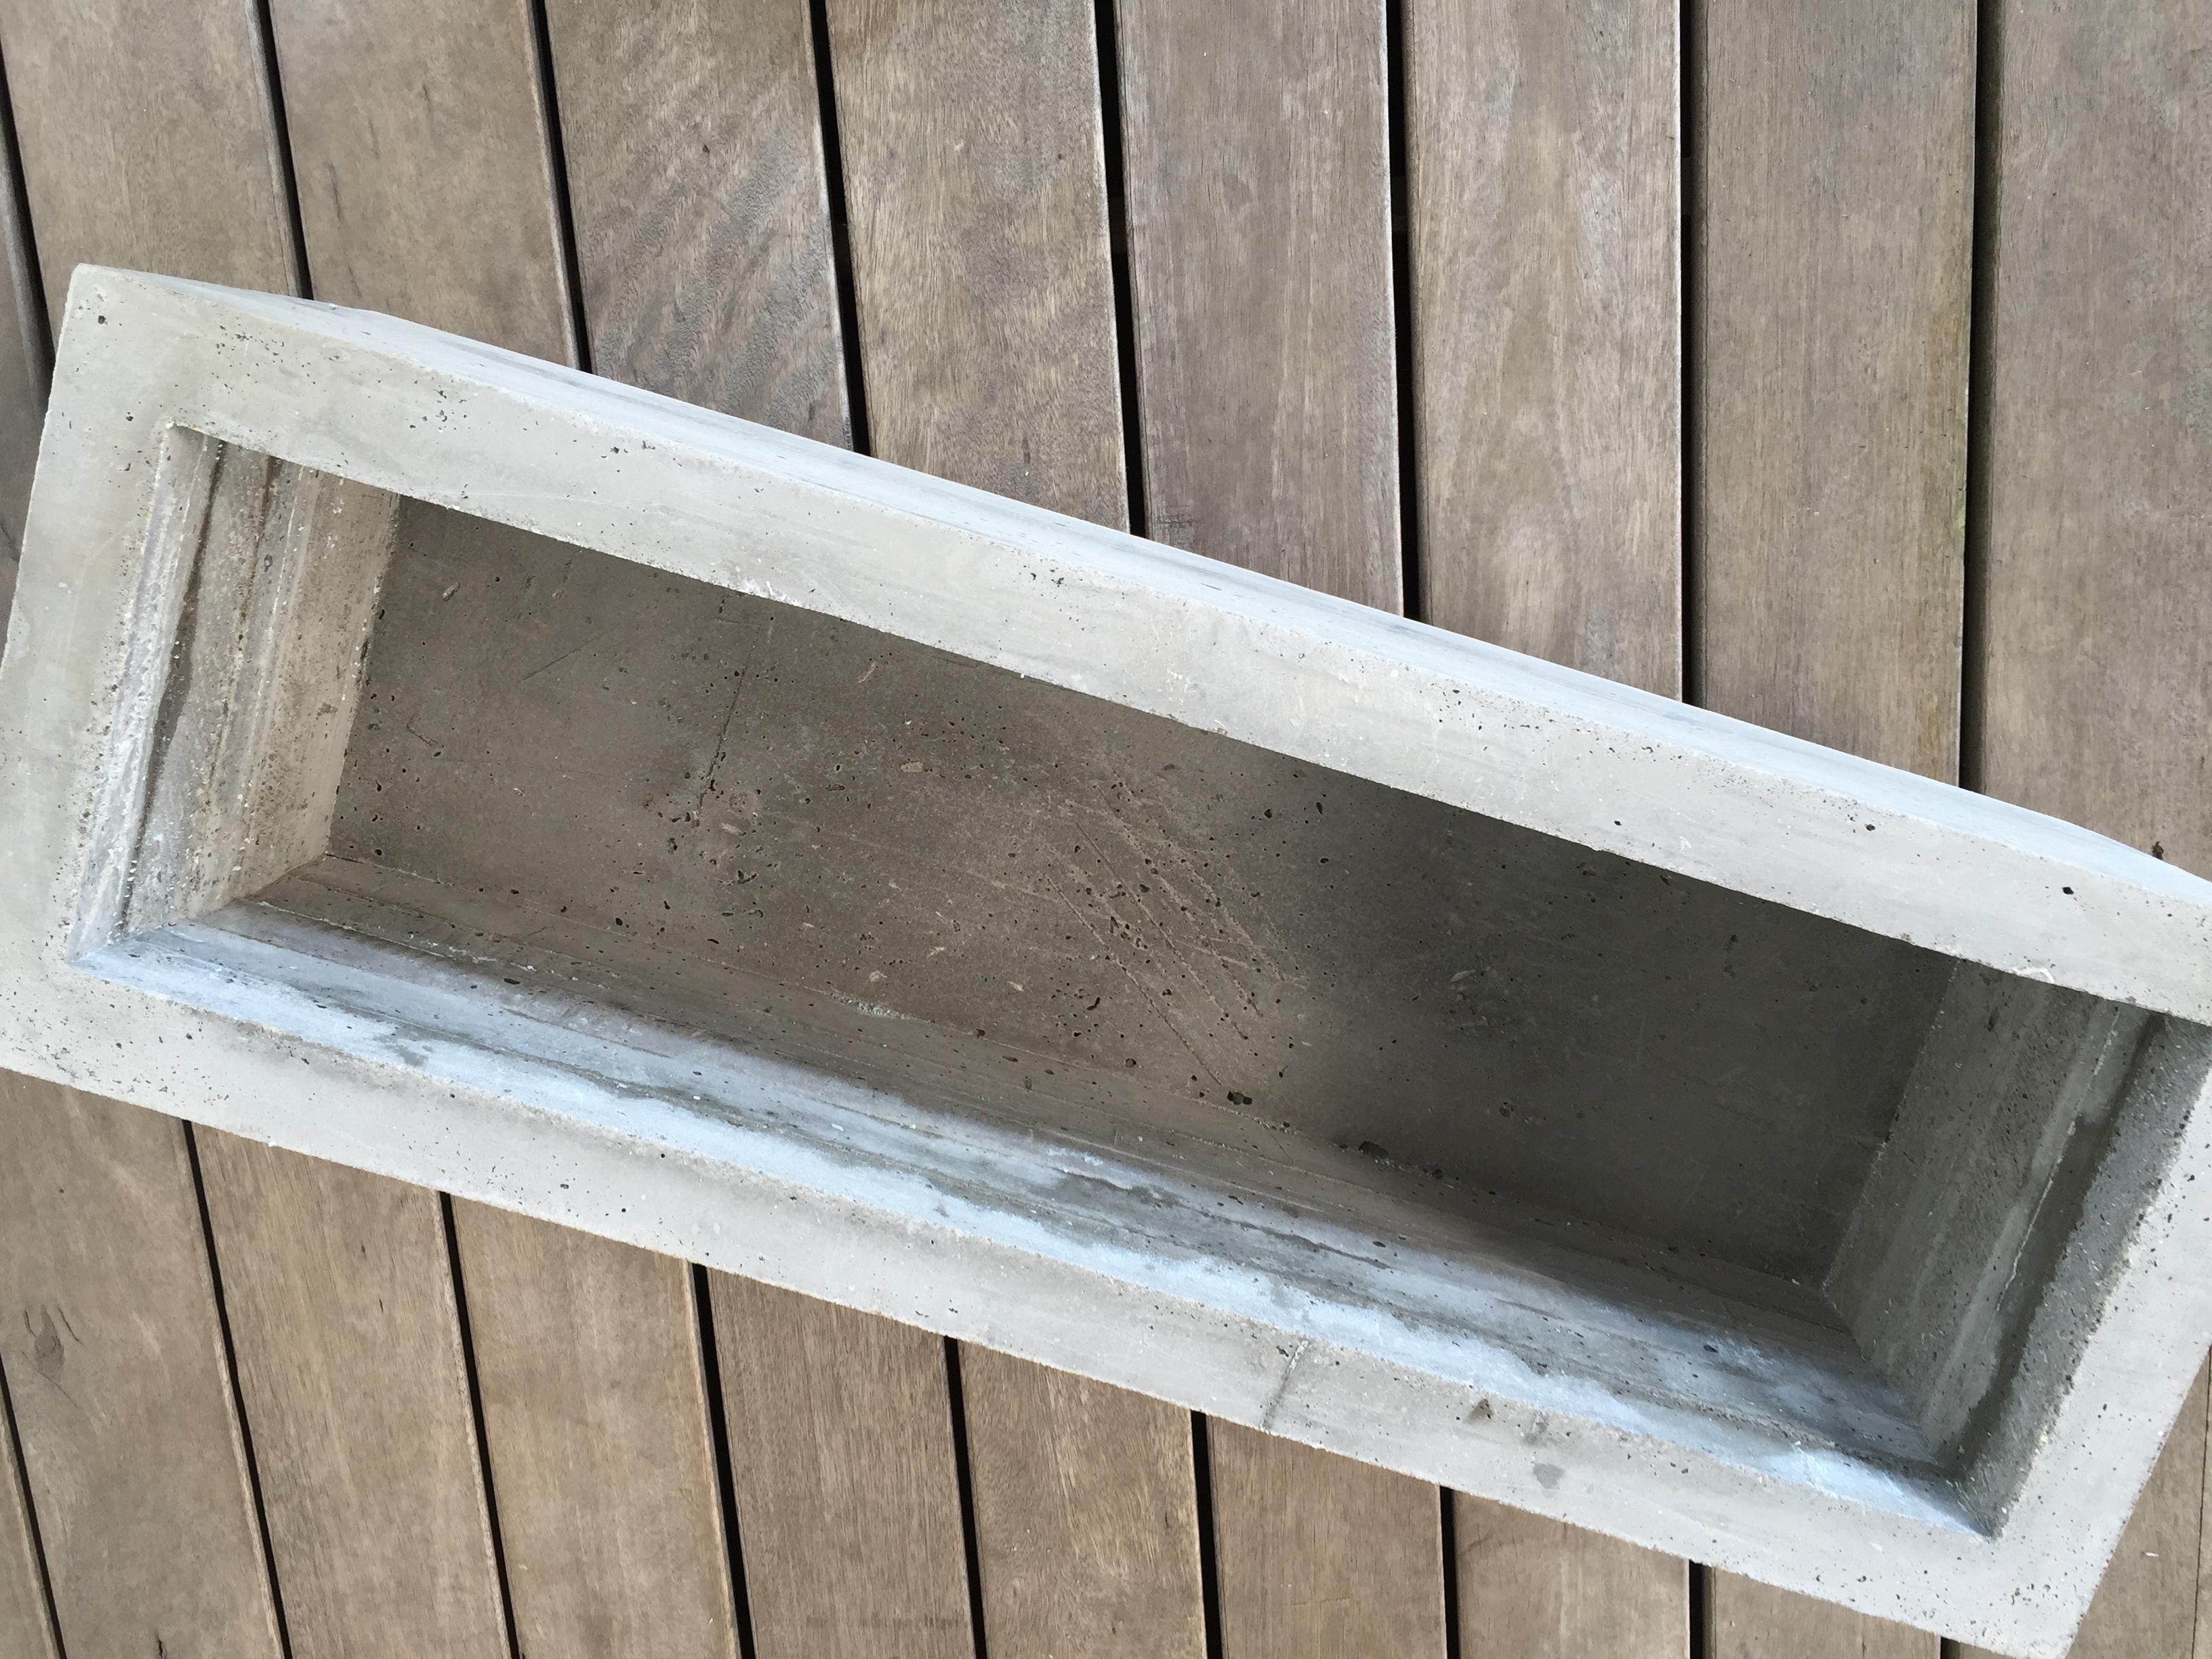 Ongebruikt Plantenbak van beton maken | voordemakers.nl WG-62